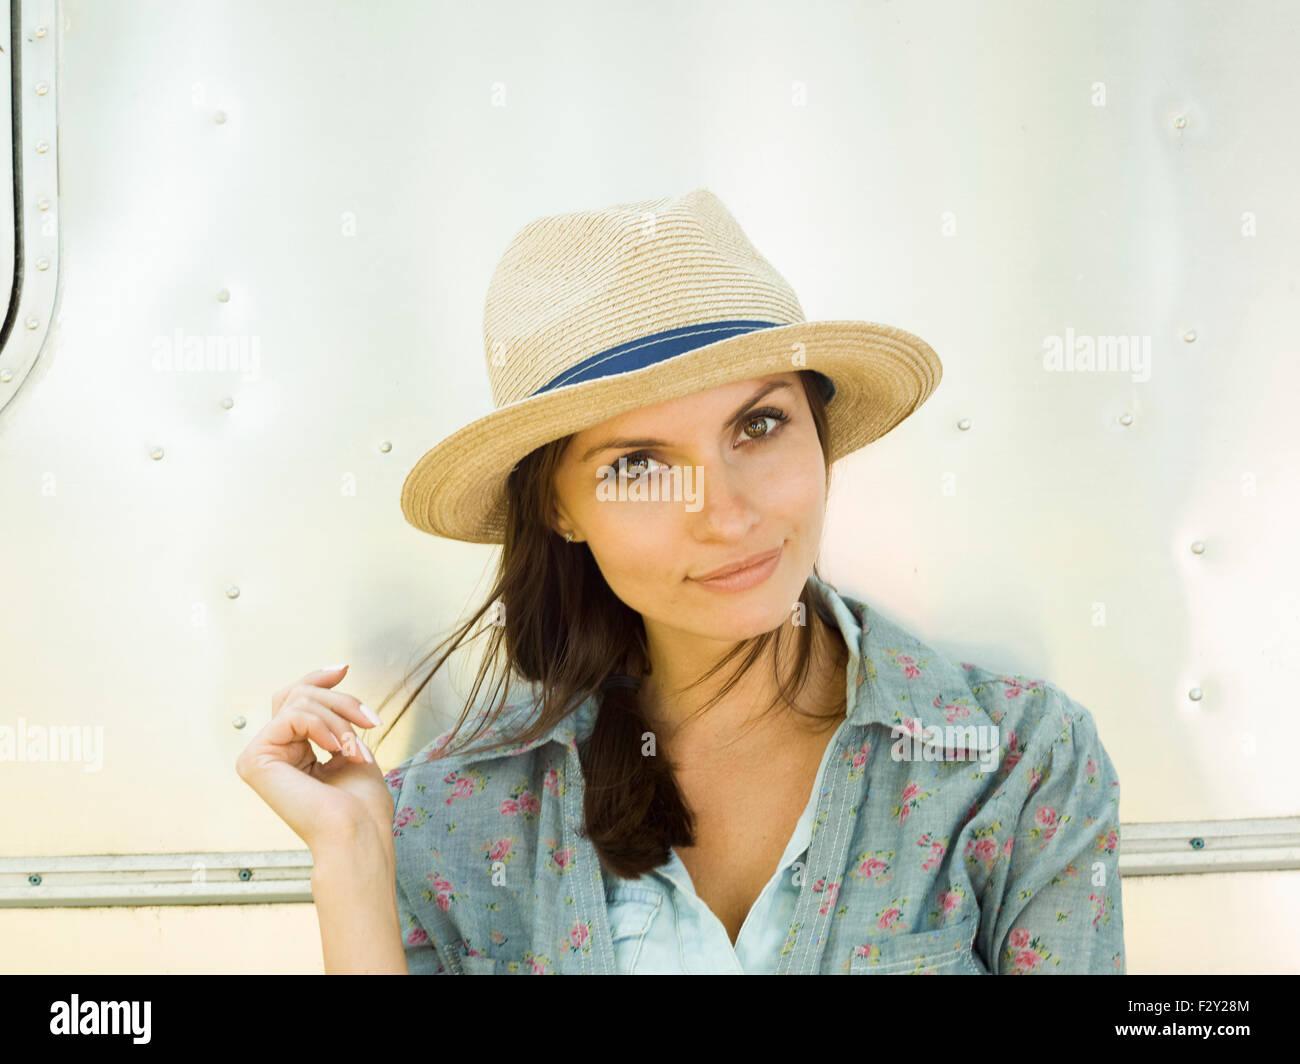 Una giovane donna in un cappello di paglia, la sua testa inclinata guardando curioso. Immagini Stock